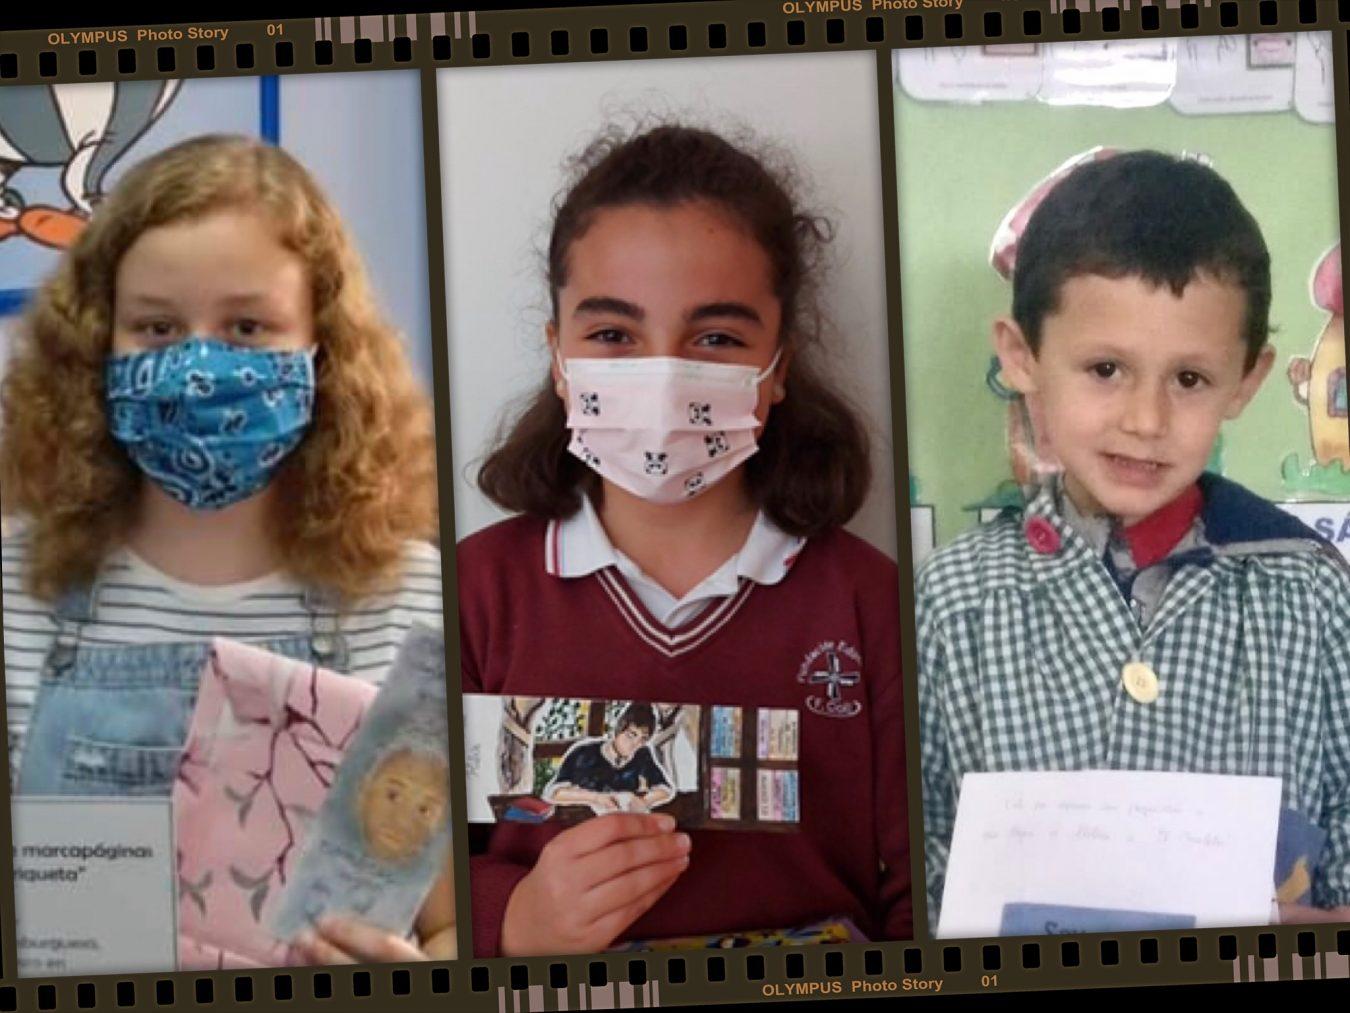 Marina, Arantxa y Alvaro ganan el Concurso sobre la imagen de Enriqueta convocado en Ribadesella